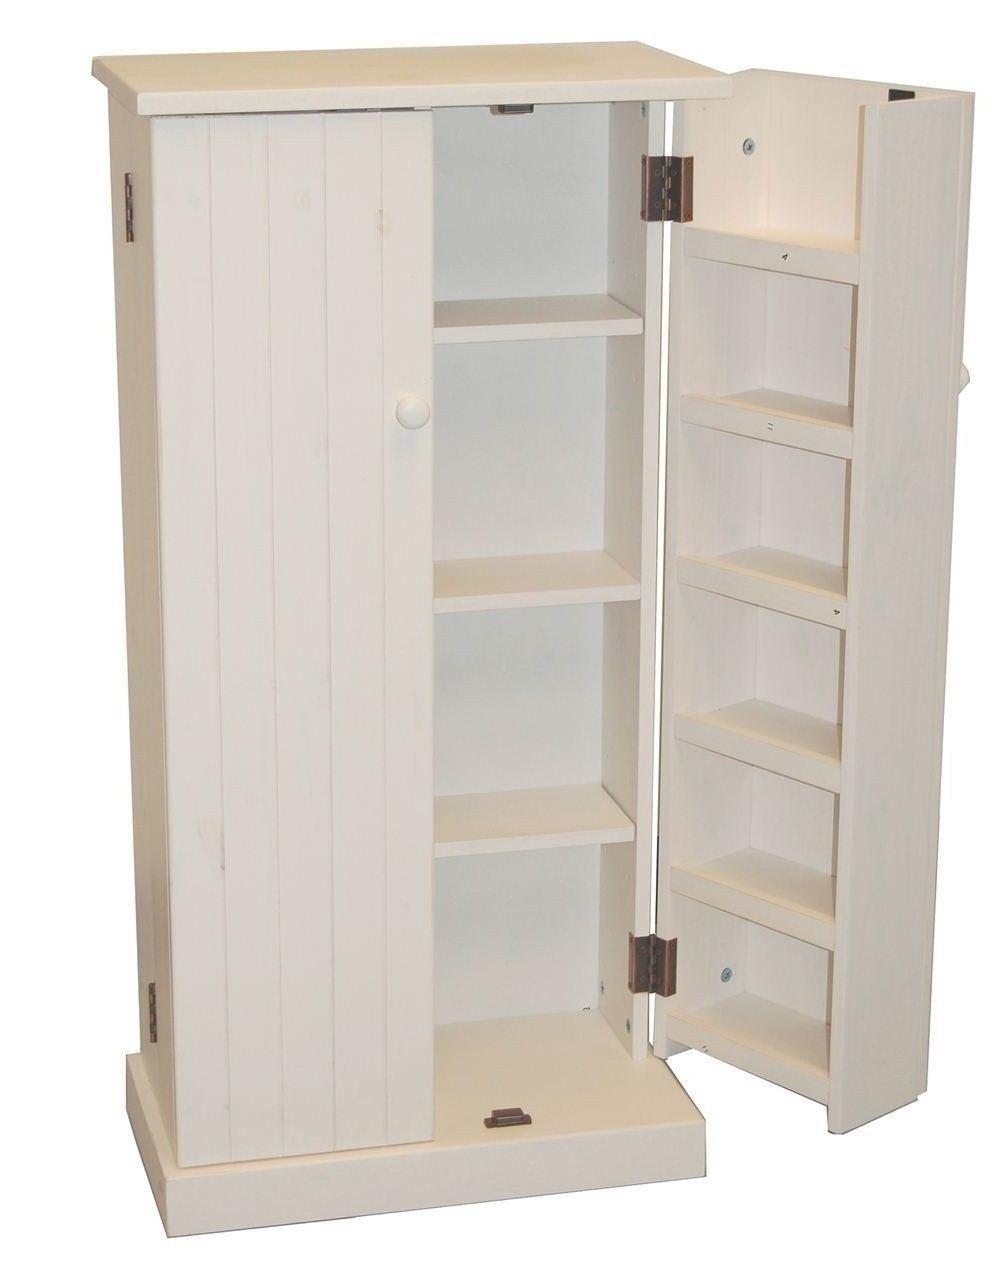 White Wooden Kitchen Pantry Cabinet Storage Organizer Food Cupboard Shelves Door 1